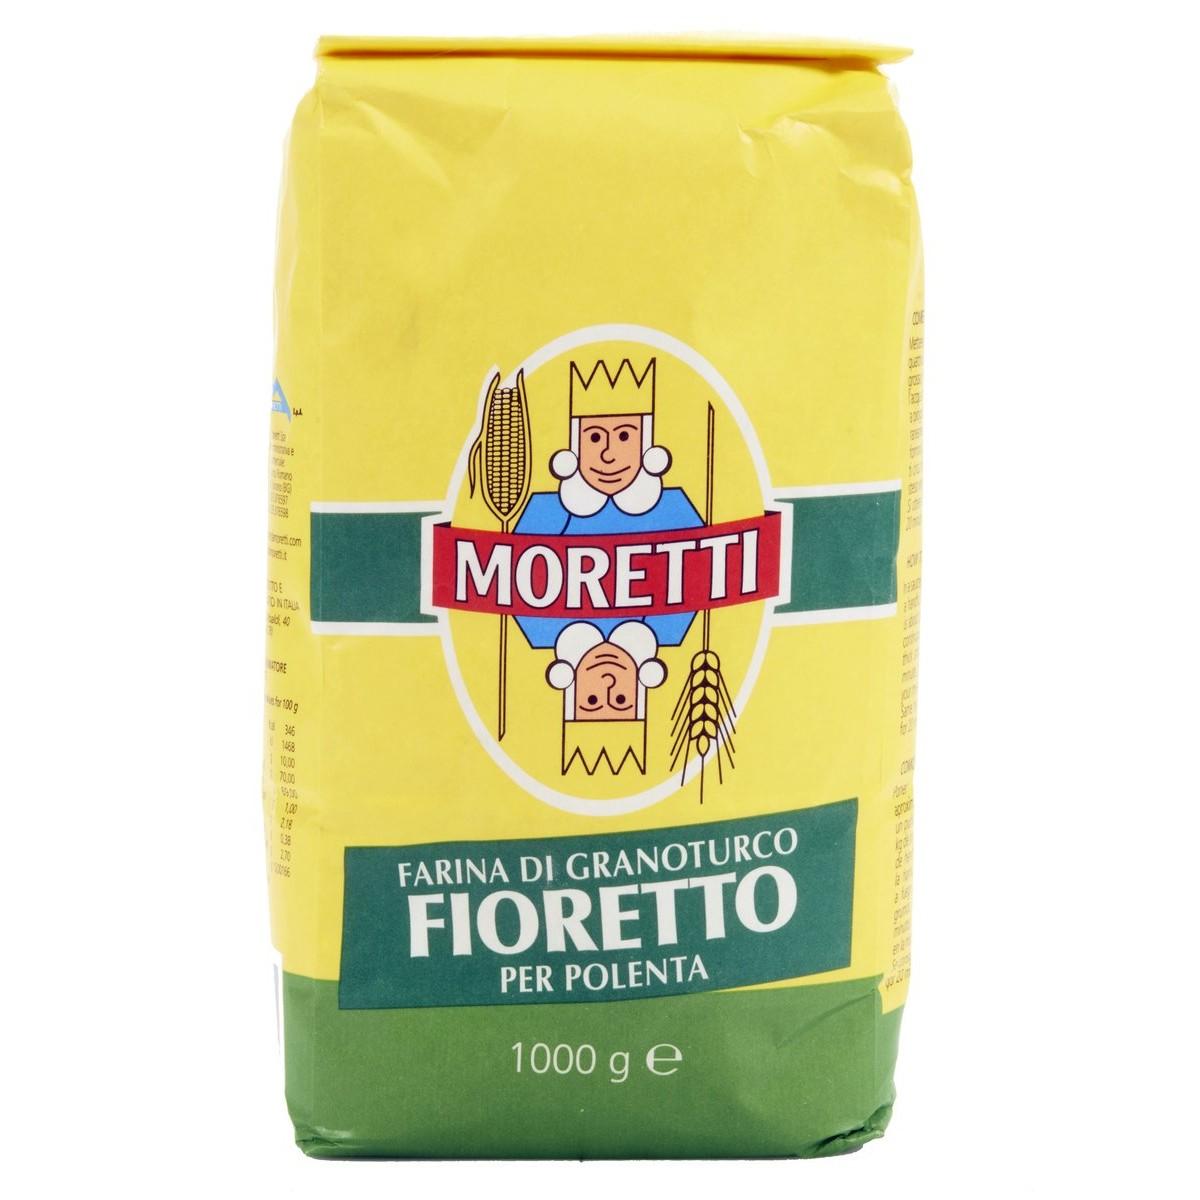 Moretti Farina di granoturco Fioretto per polenta